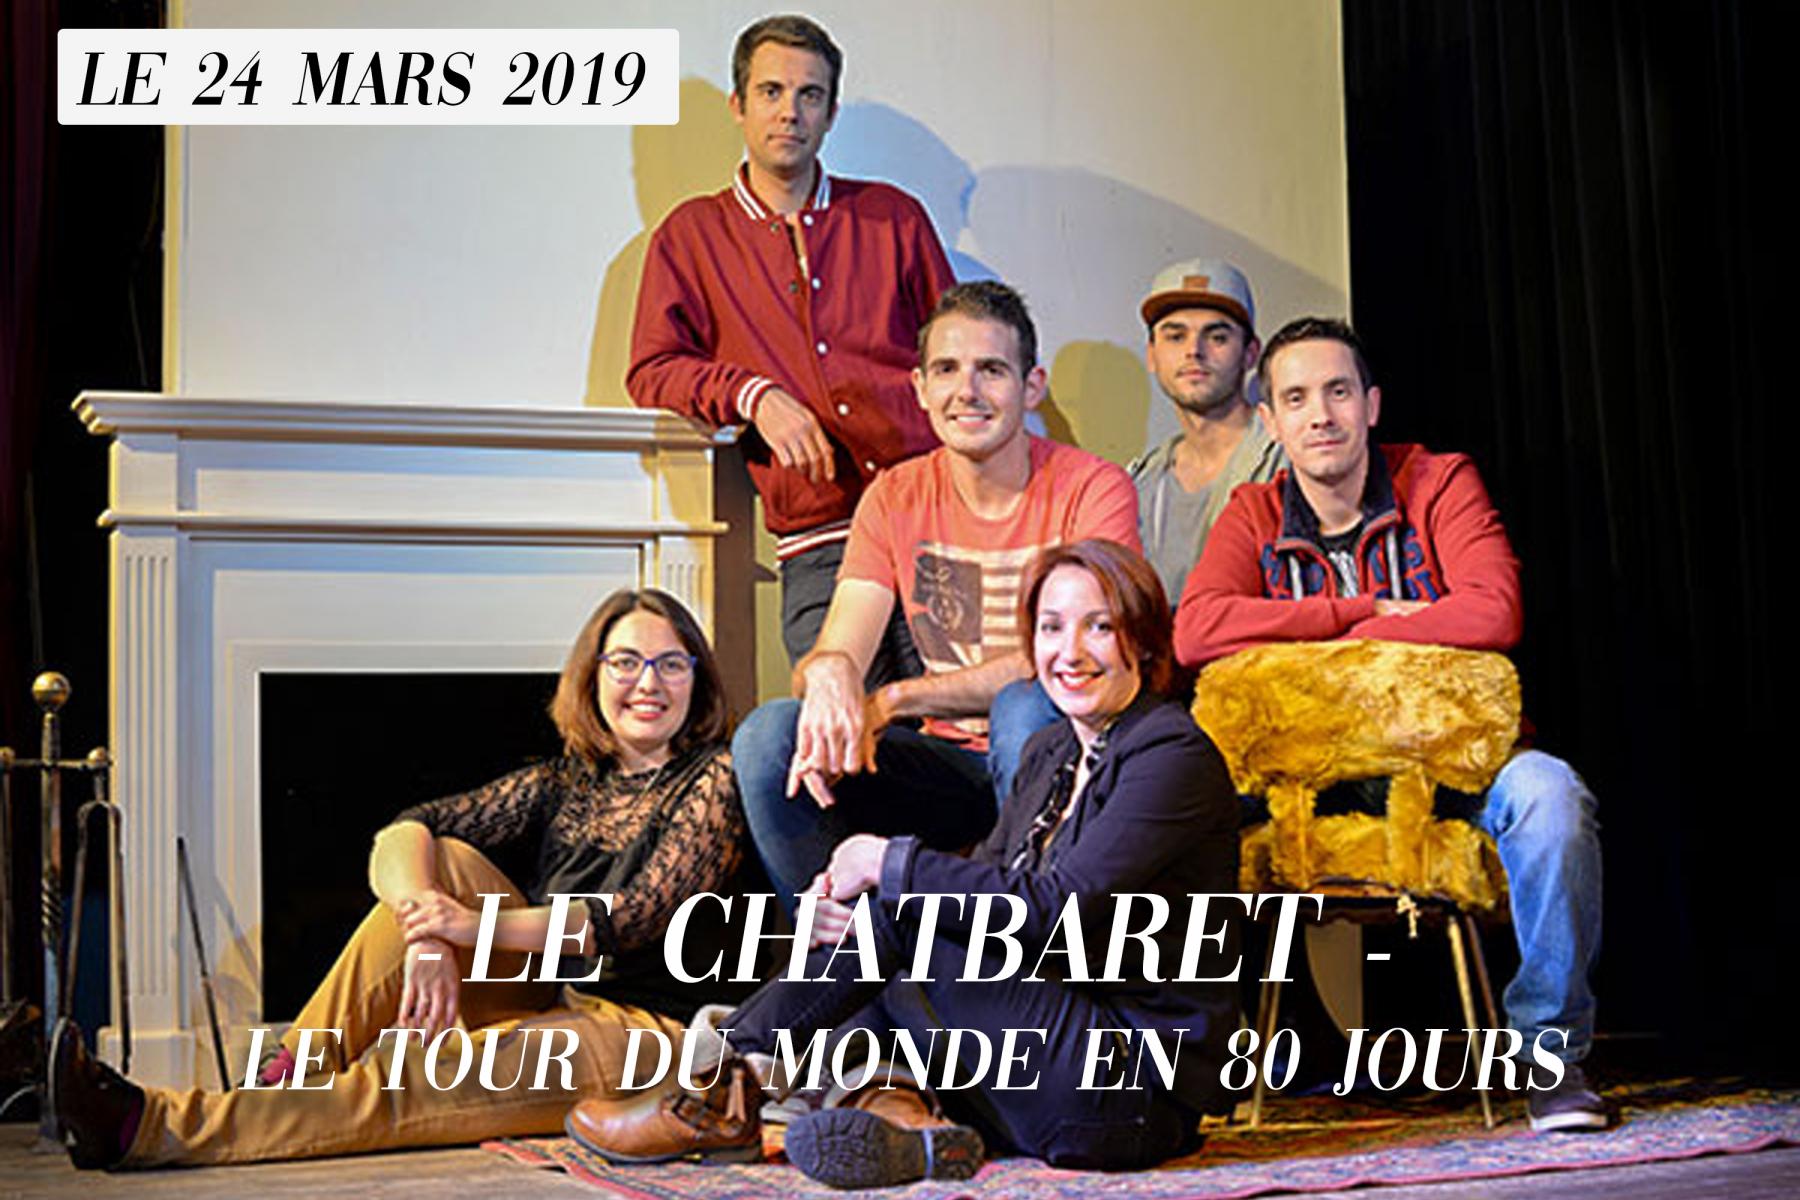 Le-Chatbaret